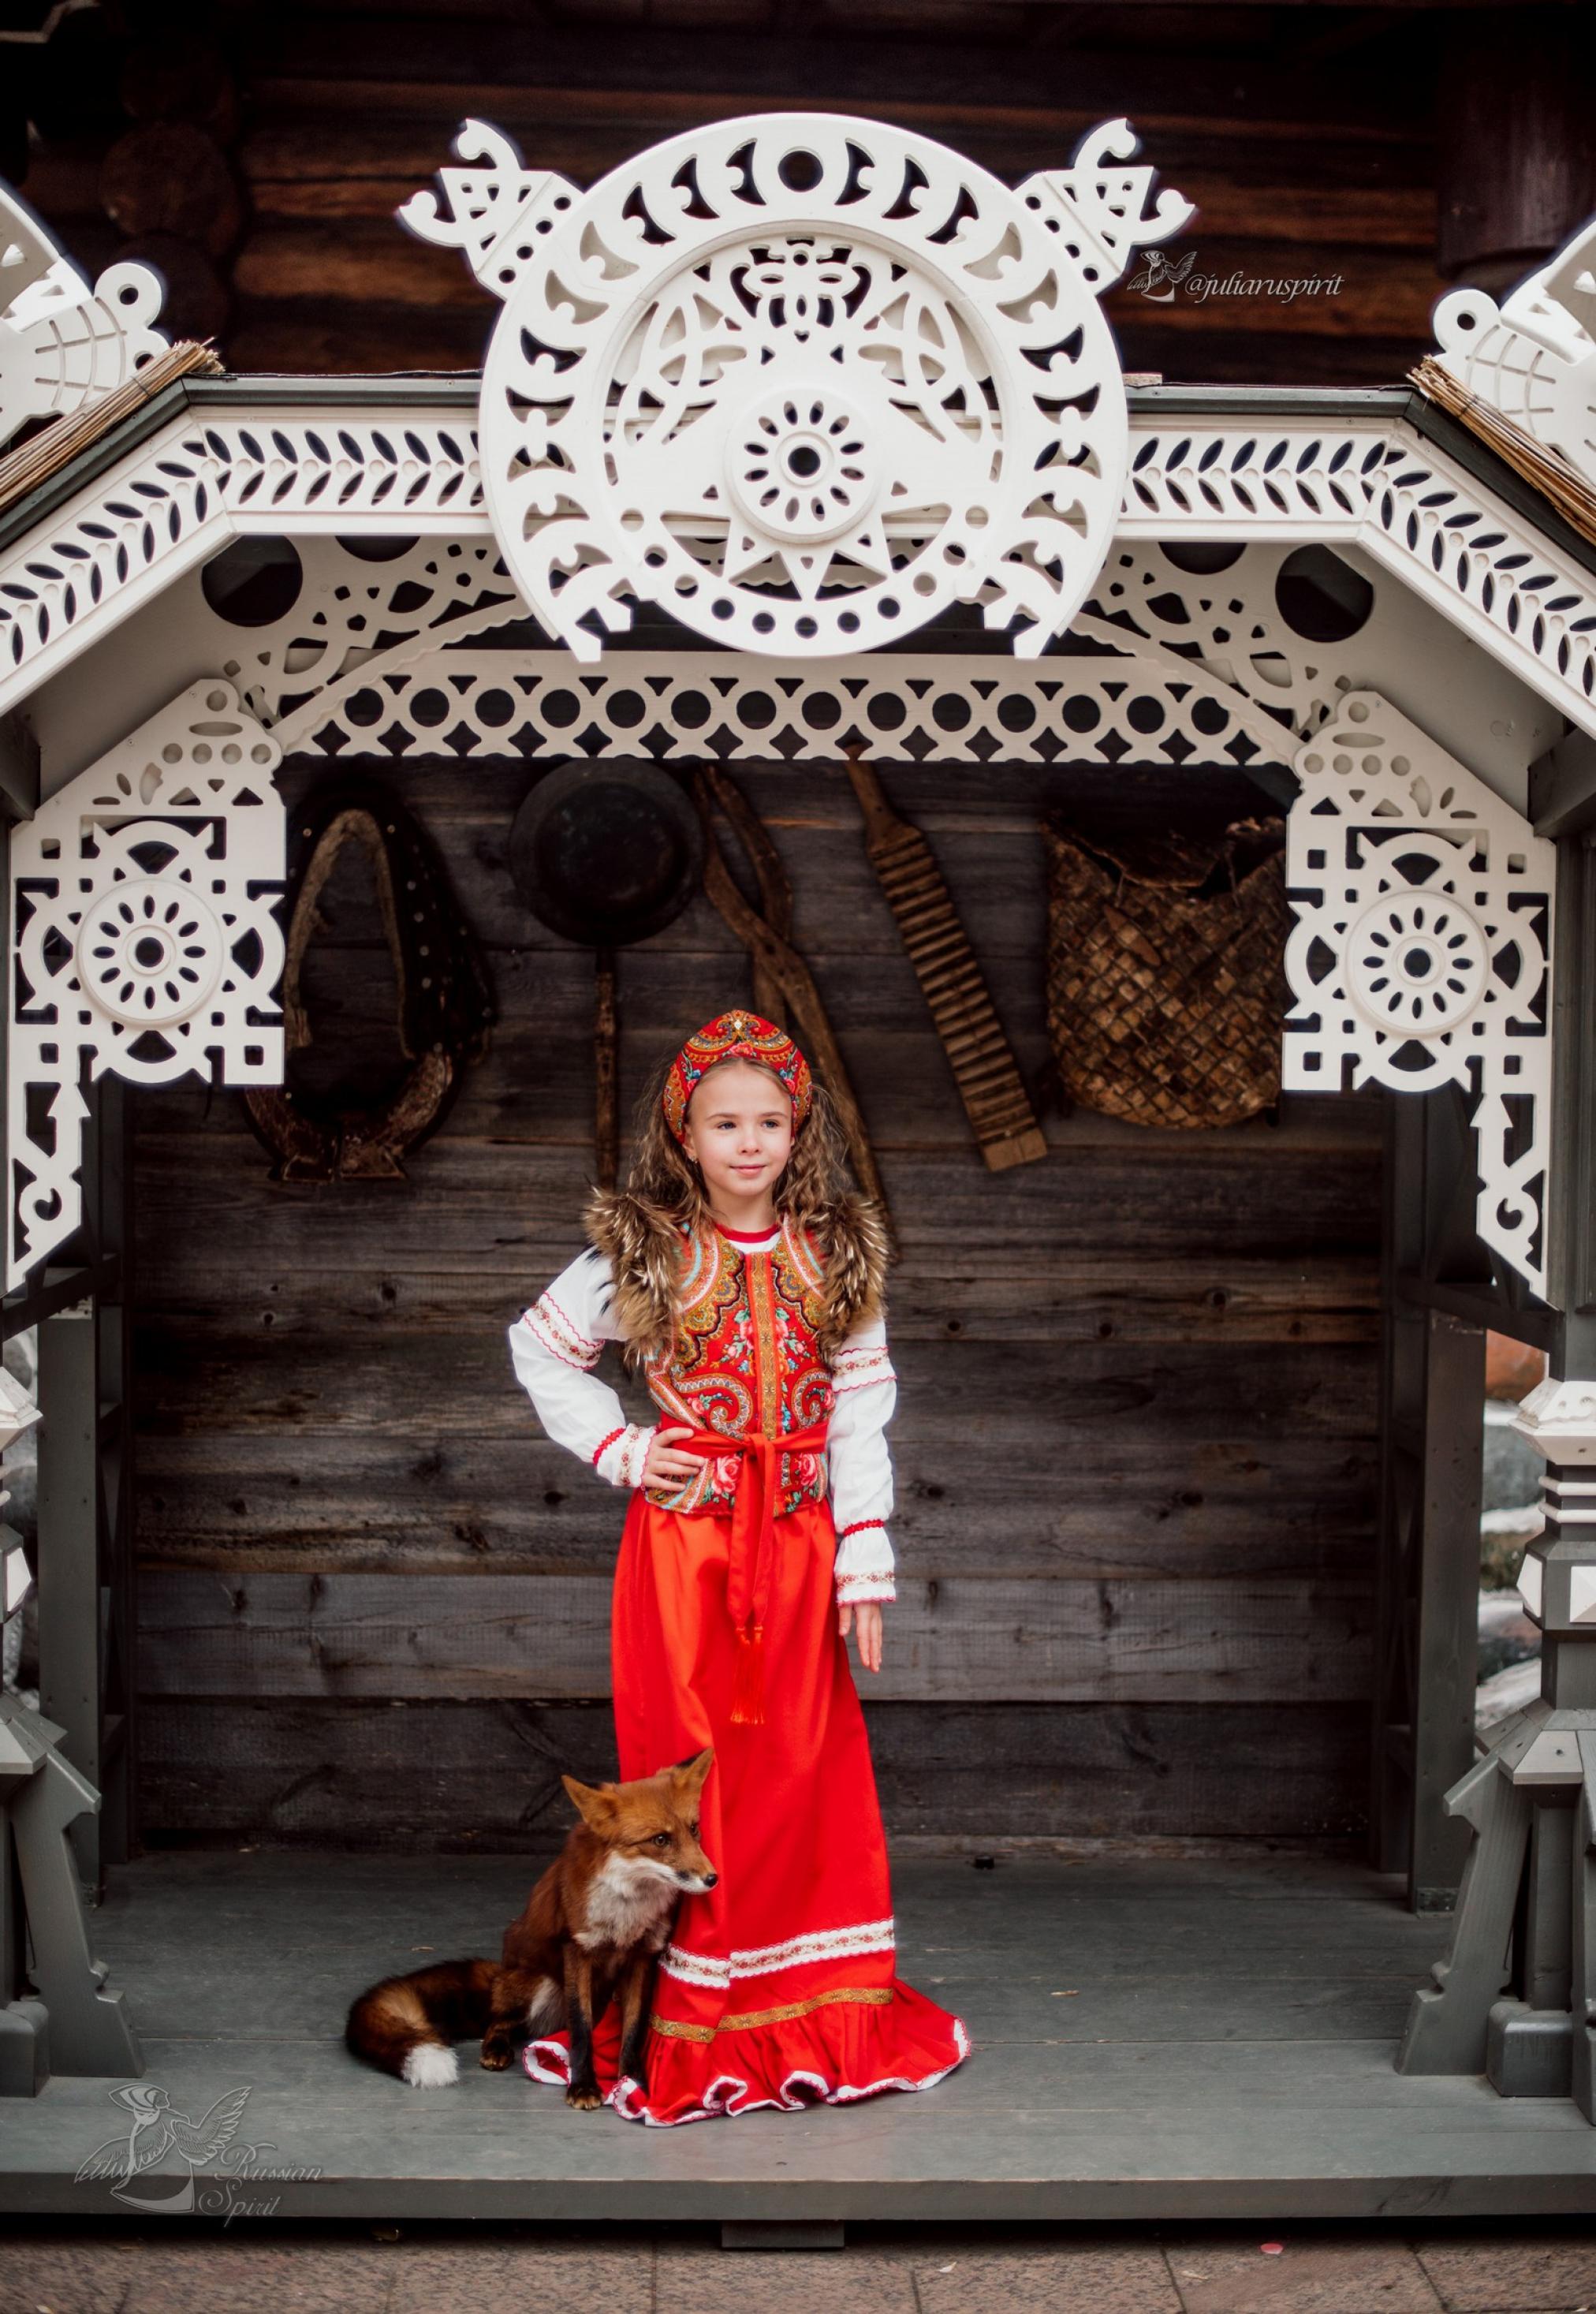 Девочка в платье в русском стиле на фоне стены дома с вырезными узорами